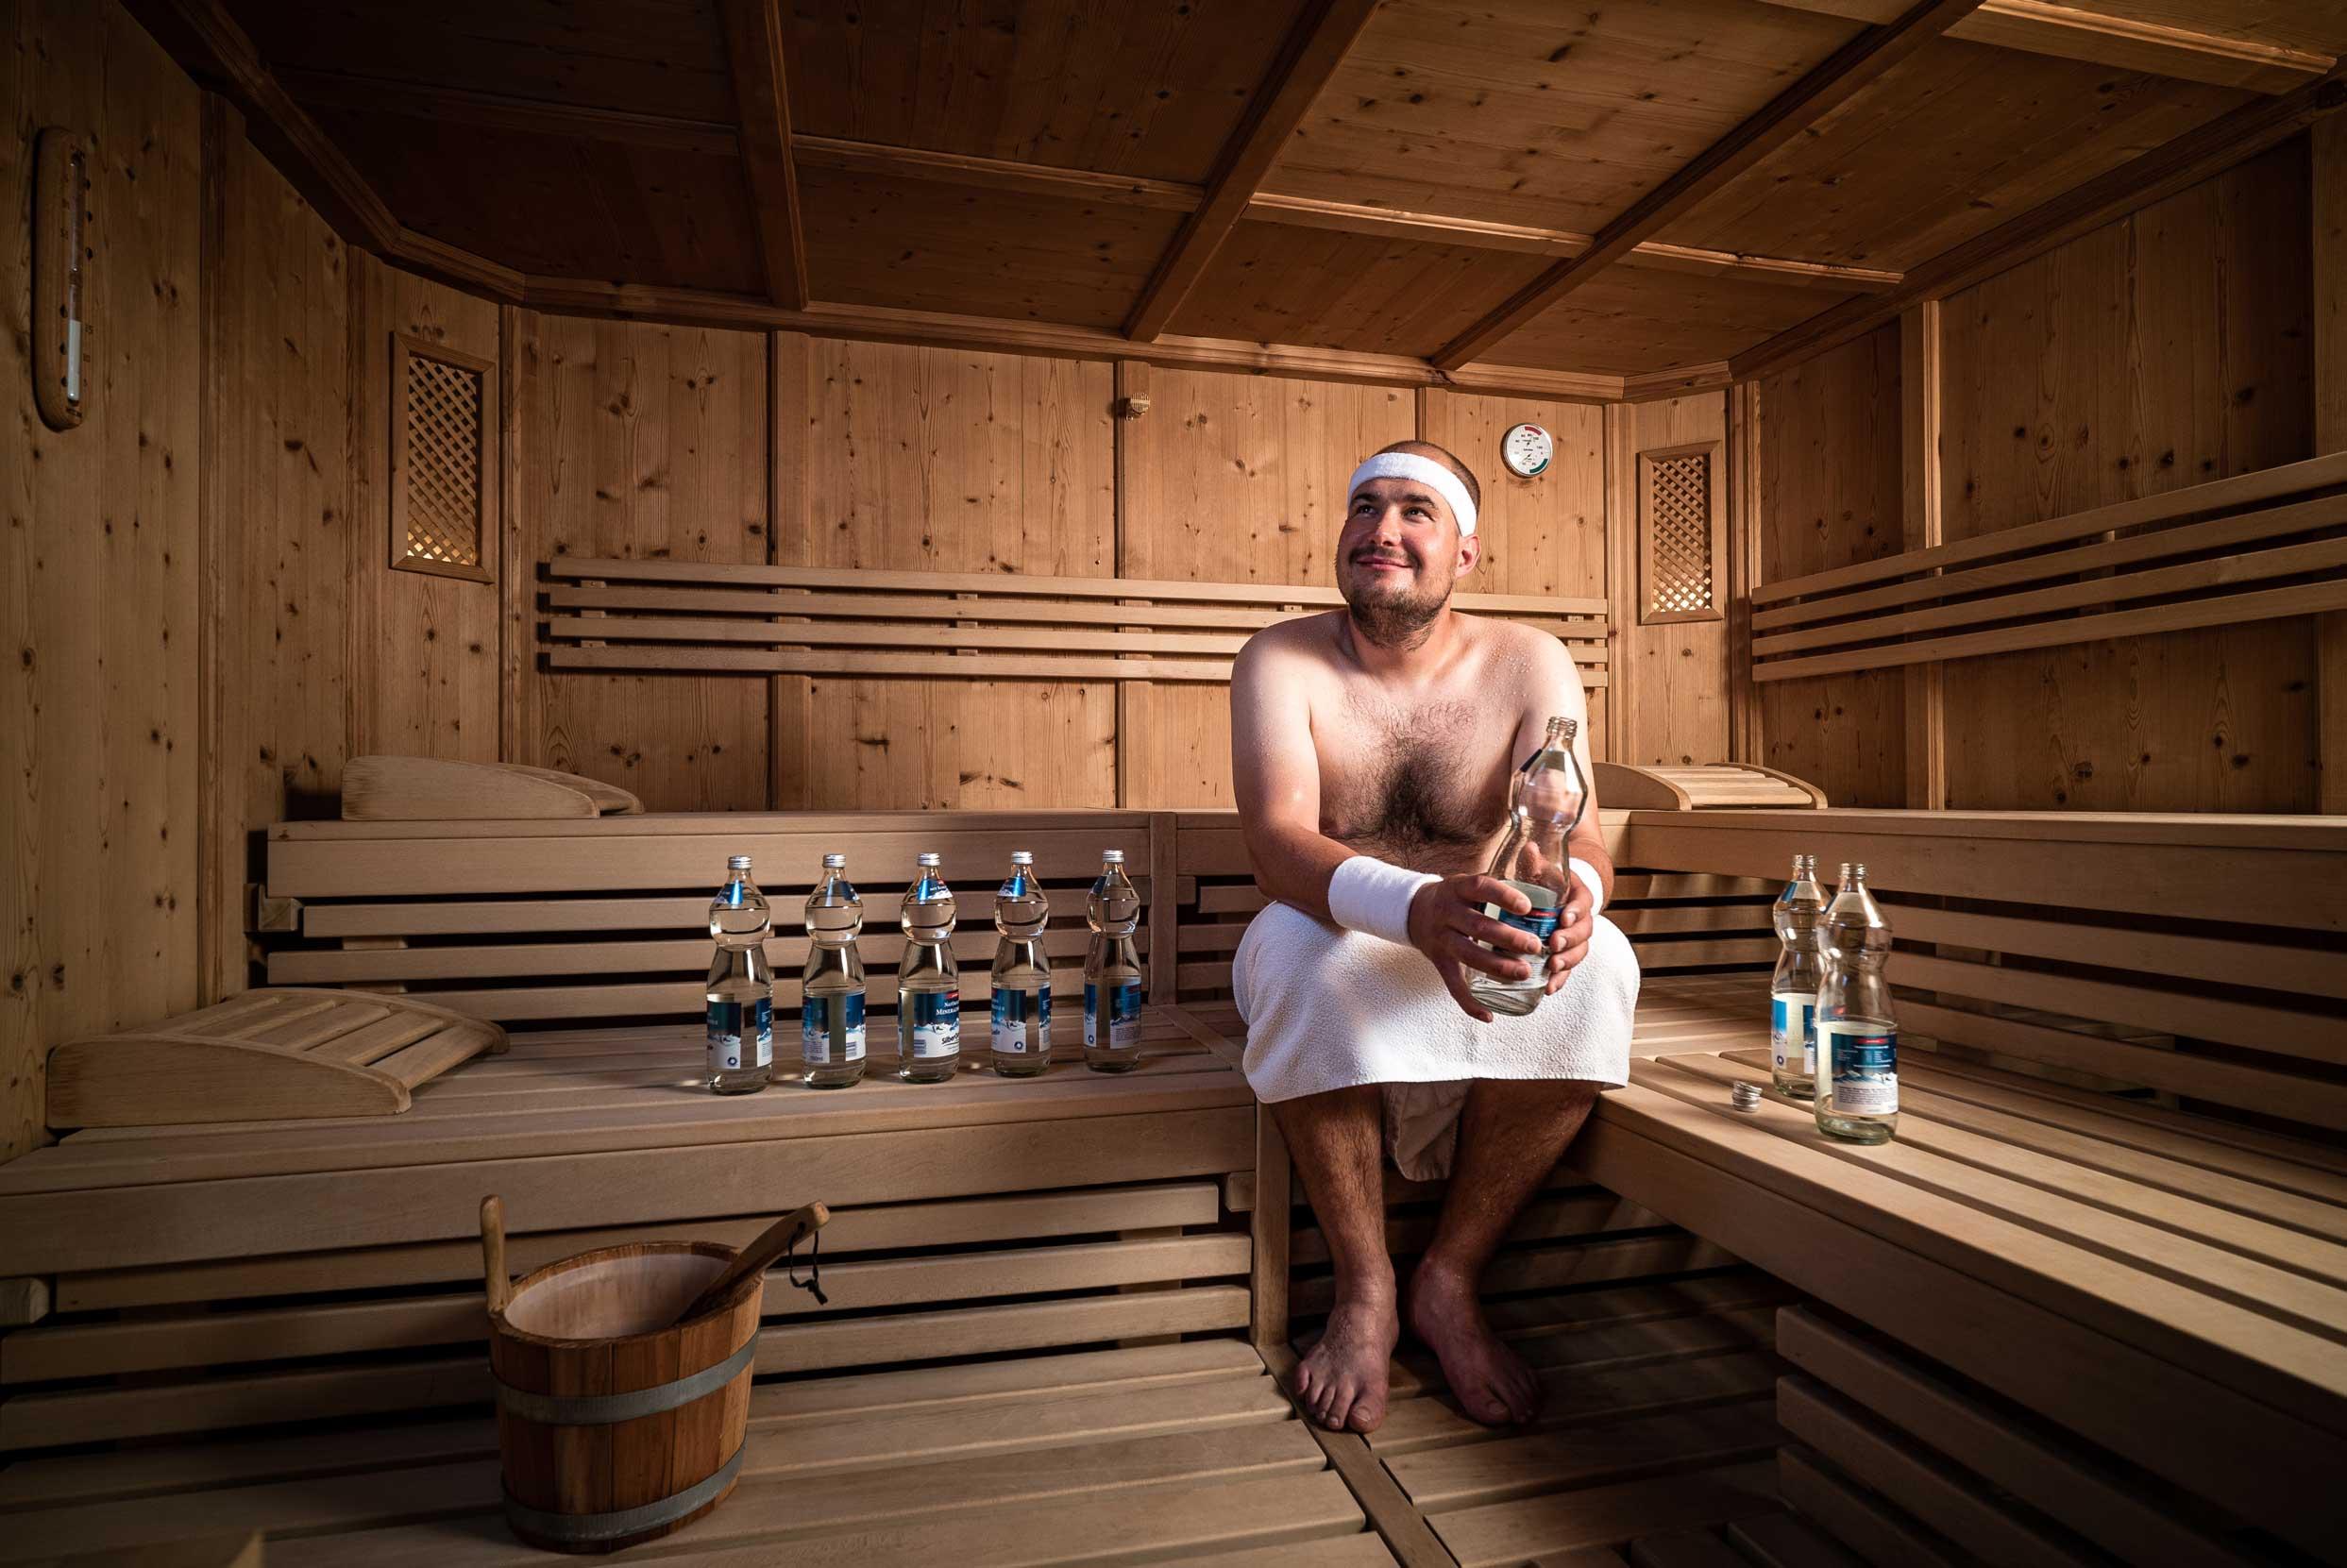 Gast sitzt mit vielen Mineralwasserflaschen in Sauna.